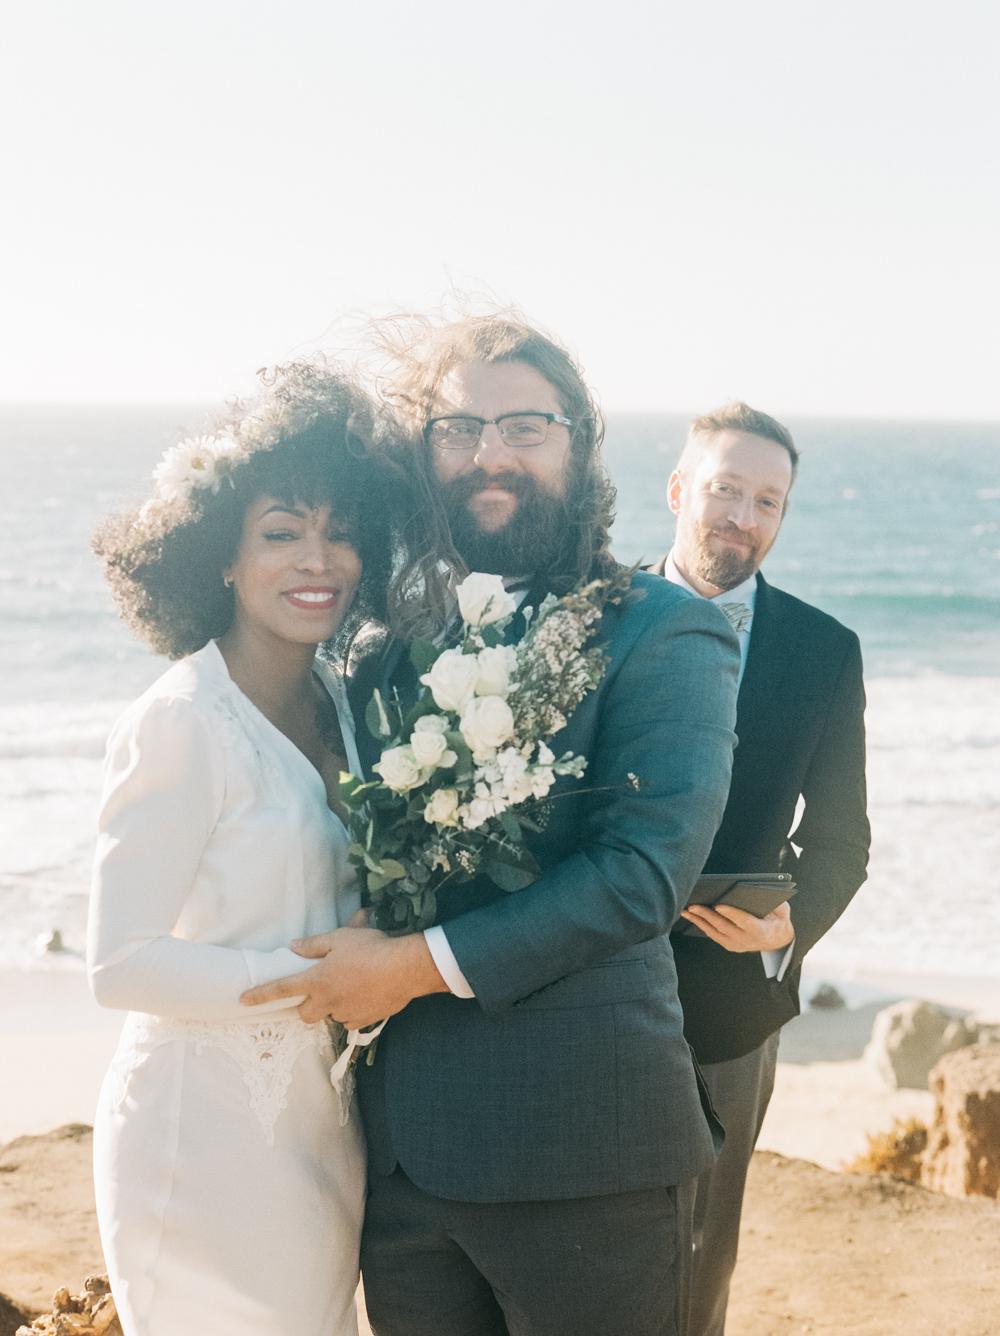 carmel by the sea wedding venues-14.jpg